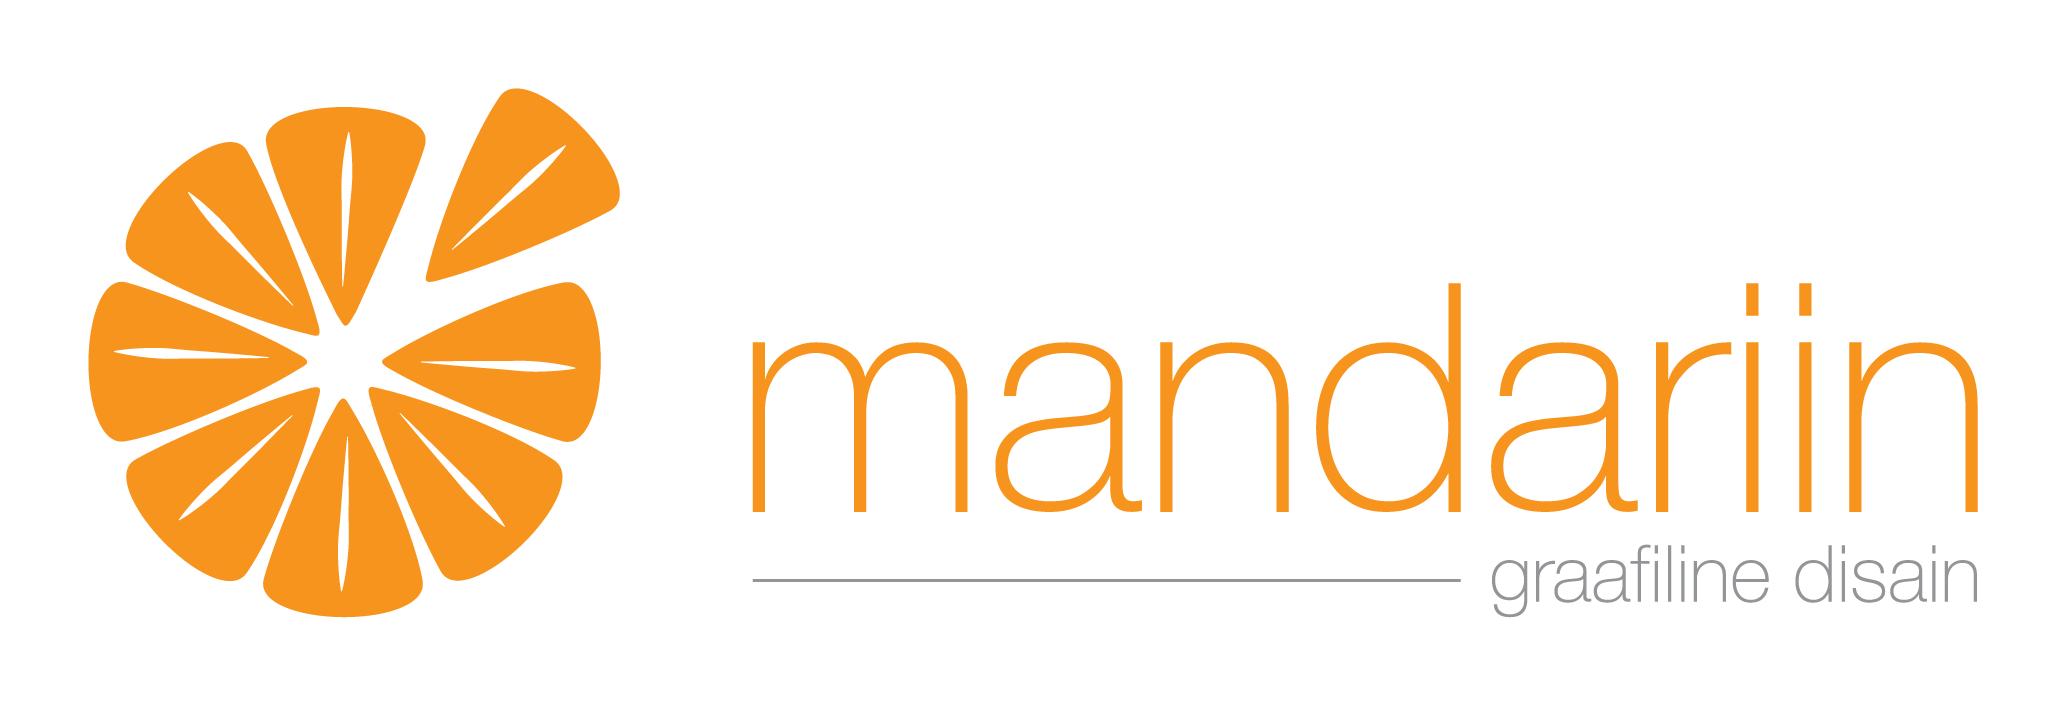 Pisikeses mandariinis on rohkem C-vitamiini kui suures apelsinis. Sinu vajadustele vastav graafiline disain visiitkaardist välireklaamini